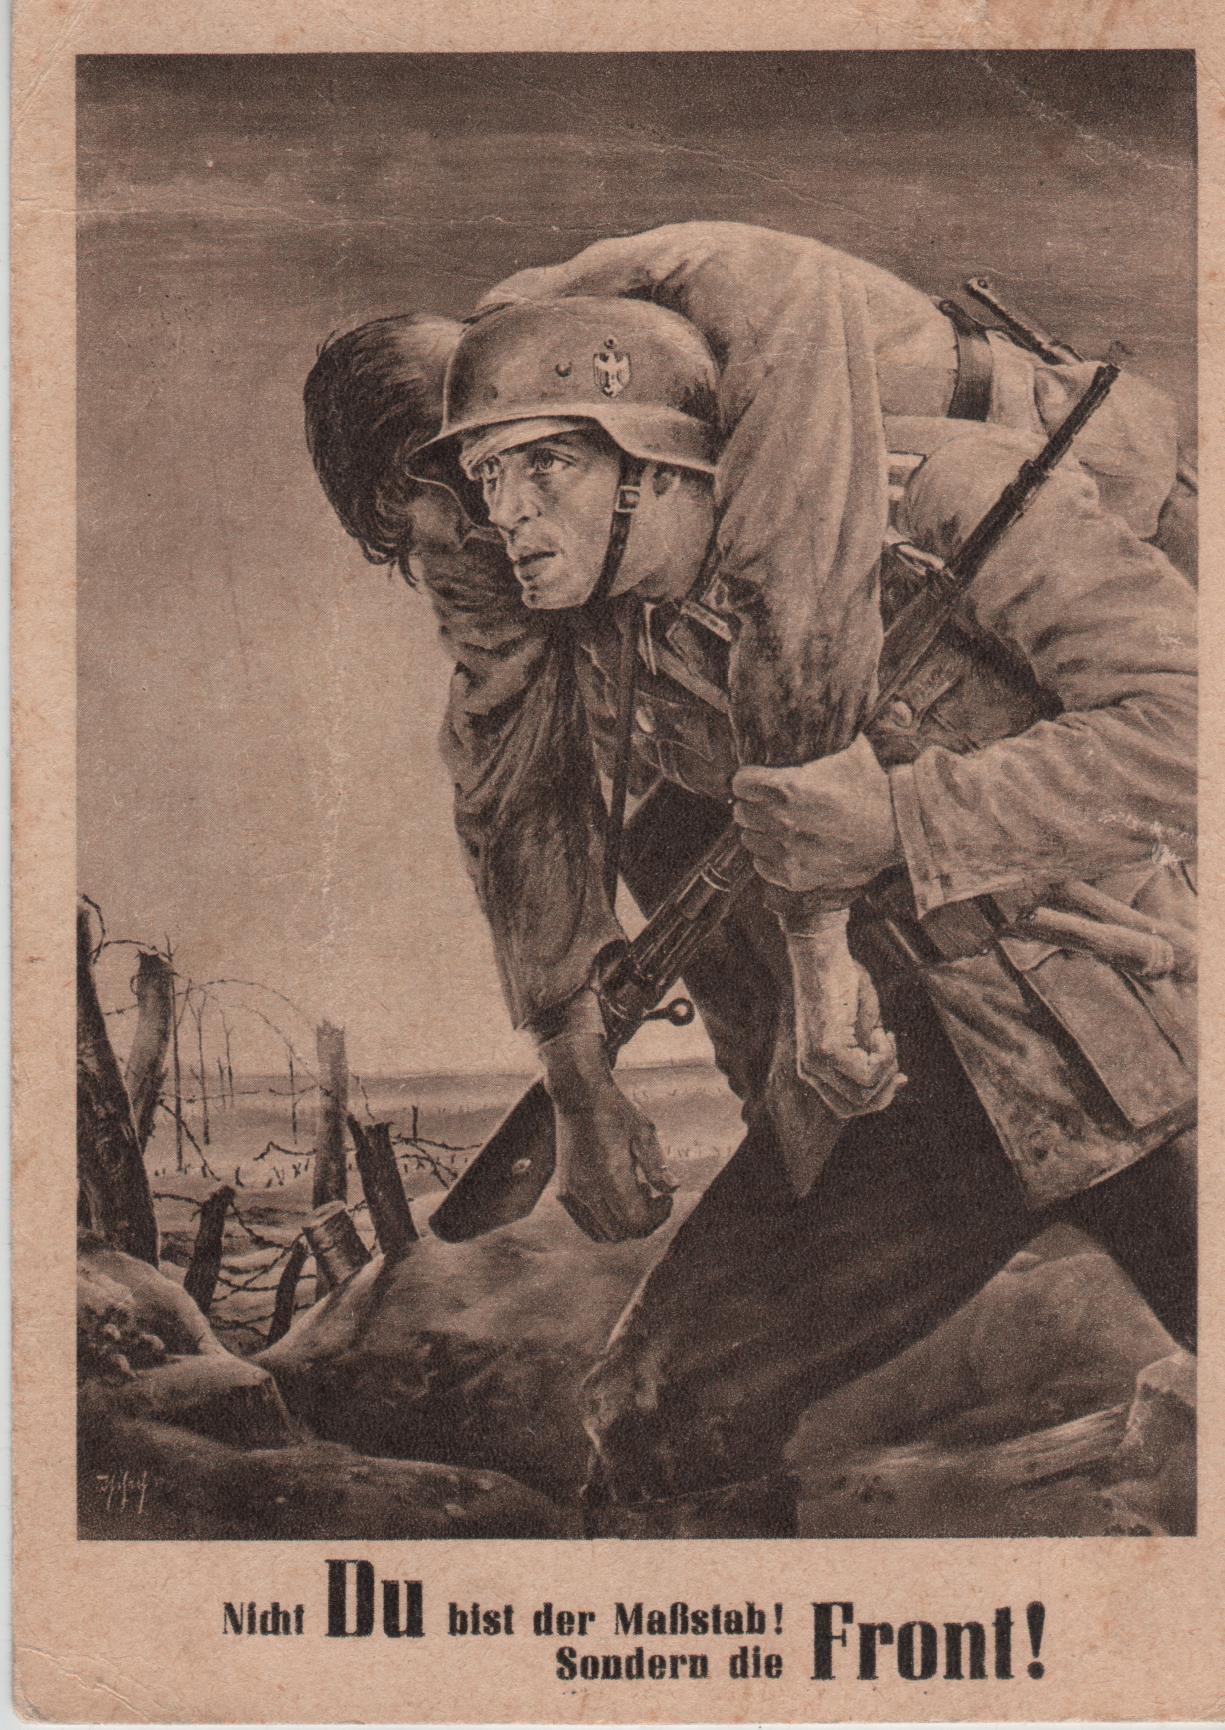 NSDAP - SA - SS - Polizei - Antisemitische Propaganda